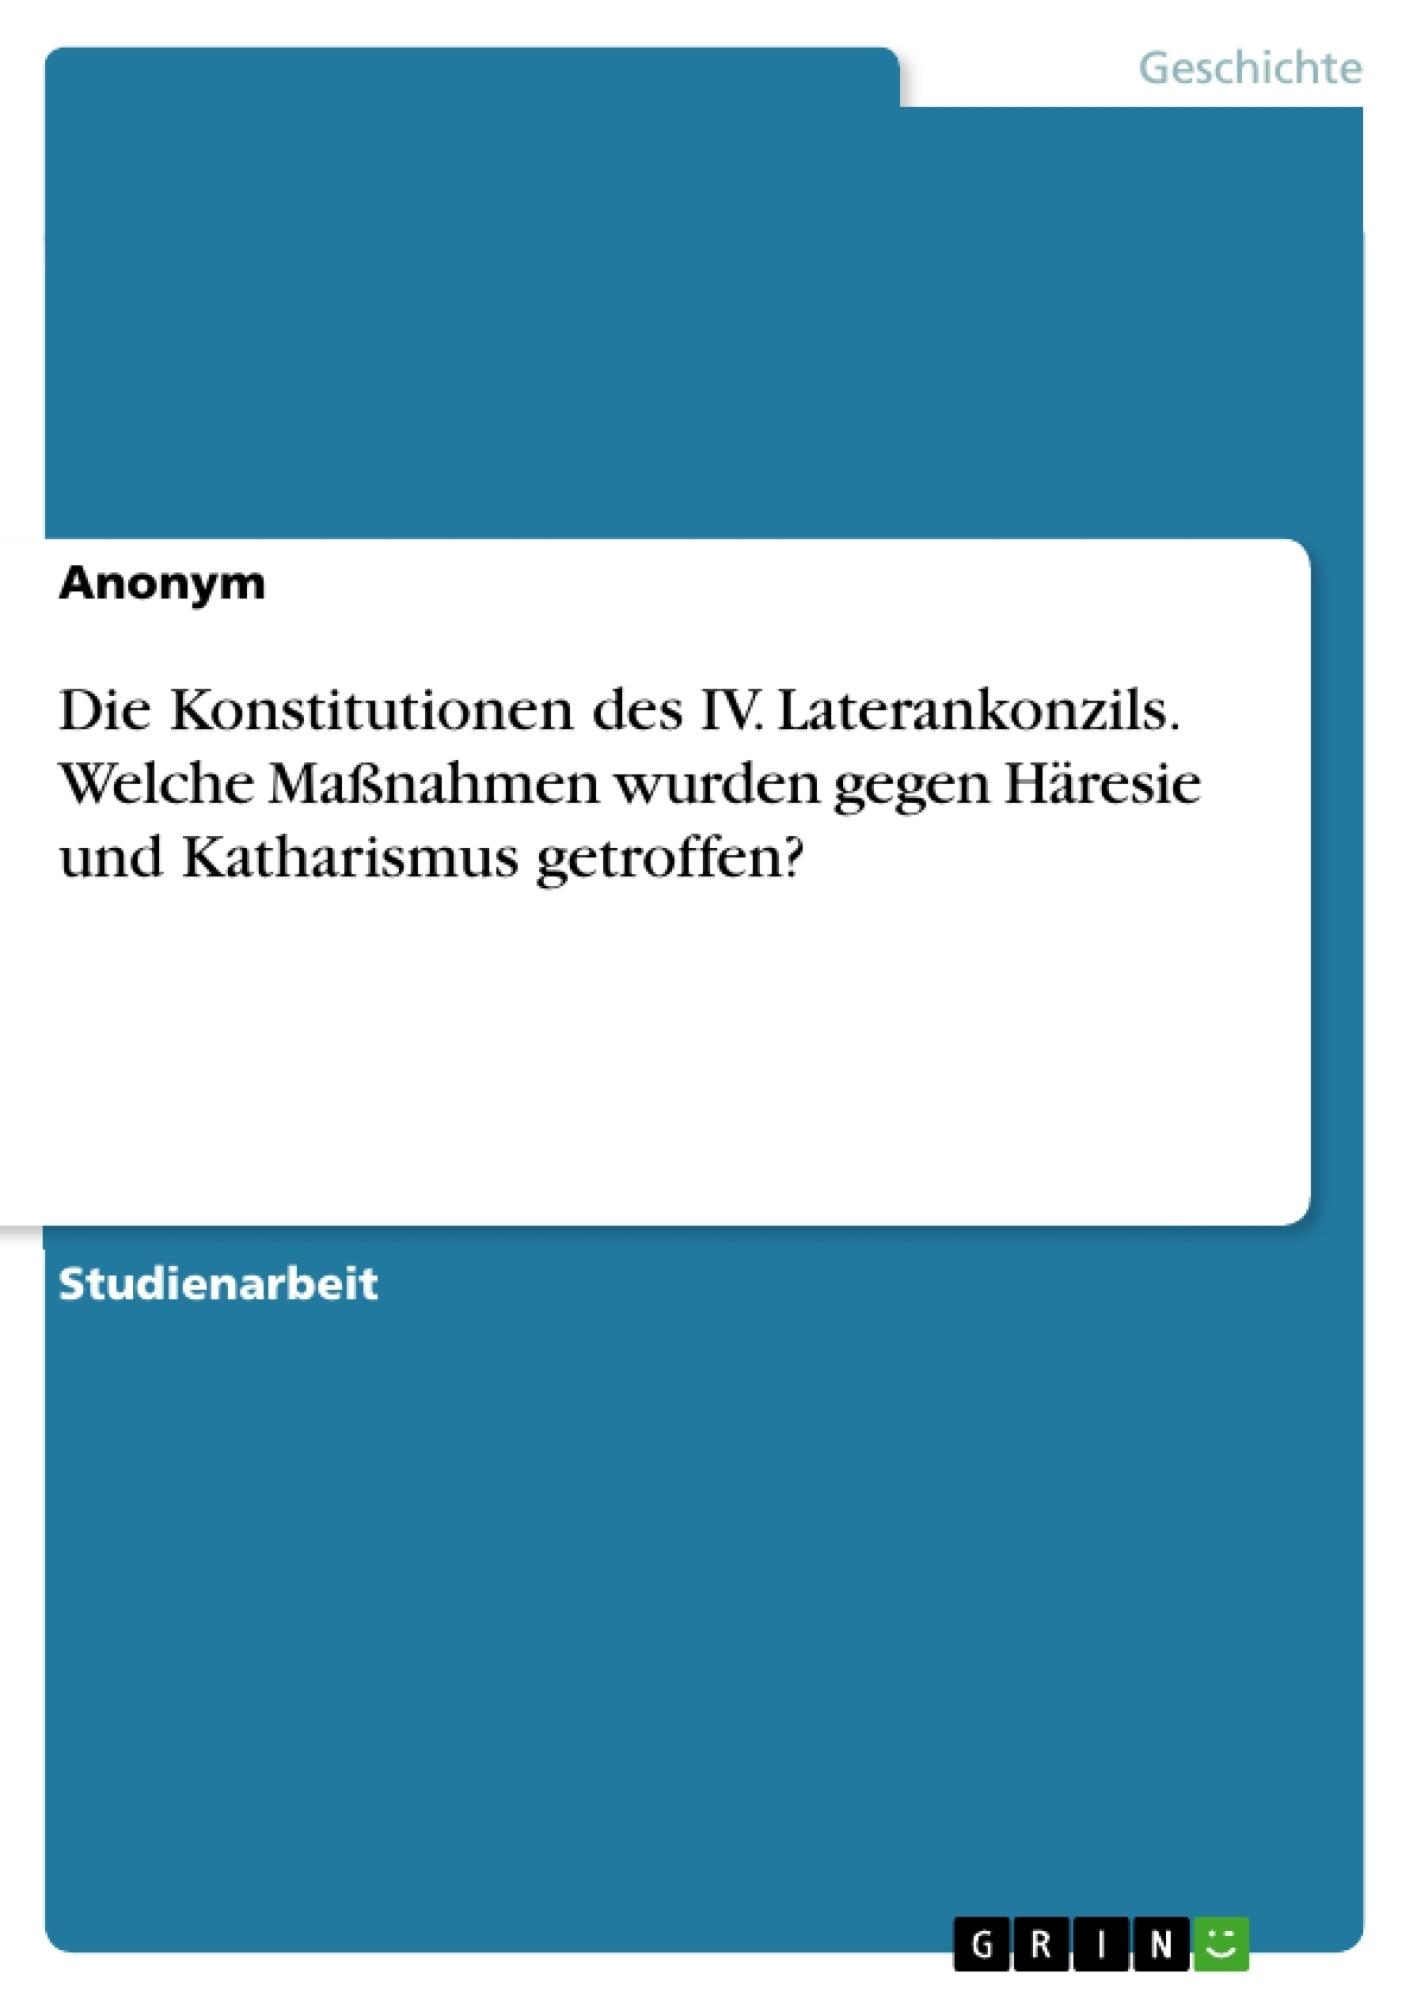 Titel: Die Konstitutionen des IV. Laterankonzils. Welche Maßnahmen wurden gegen Häresie und Katharismus getroffen?